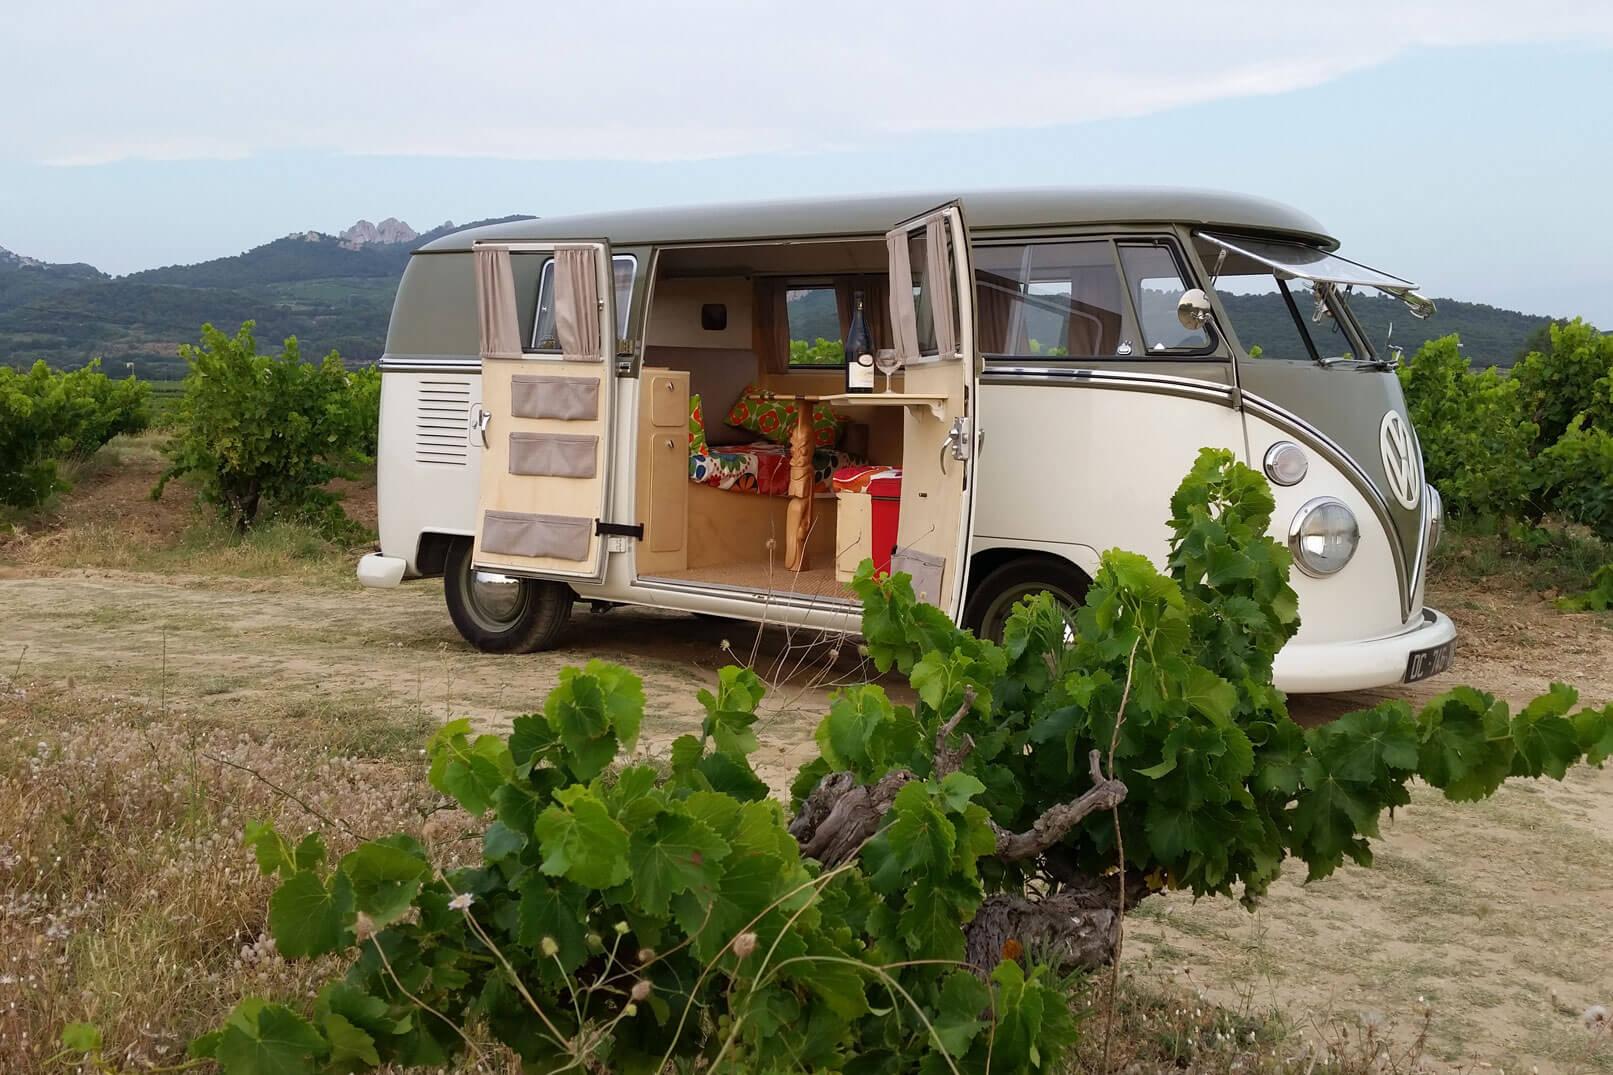 Domaine de la Tourade: een belevenis tussen de wijngaarden in een busje